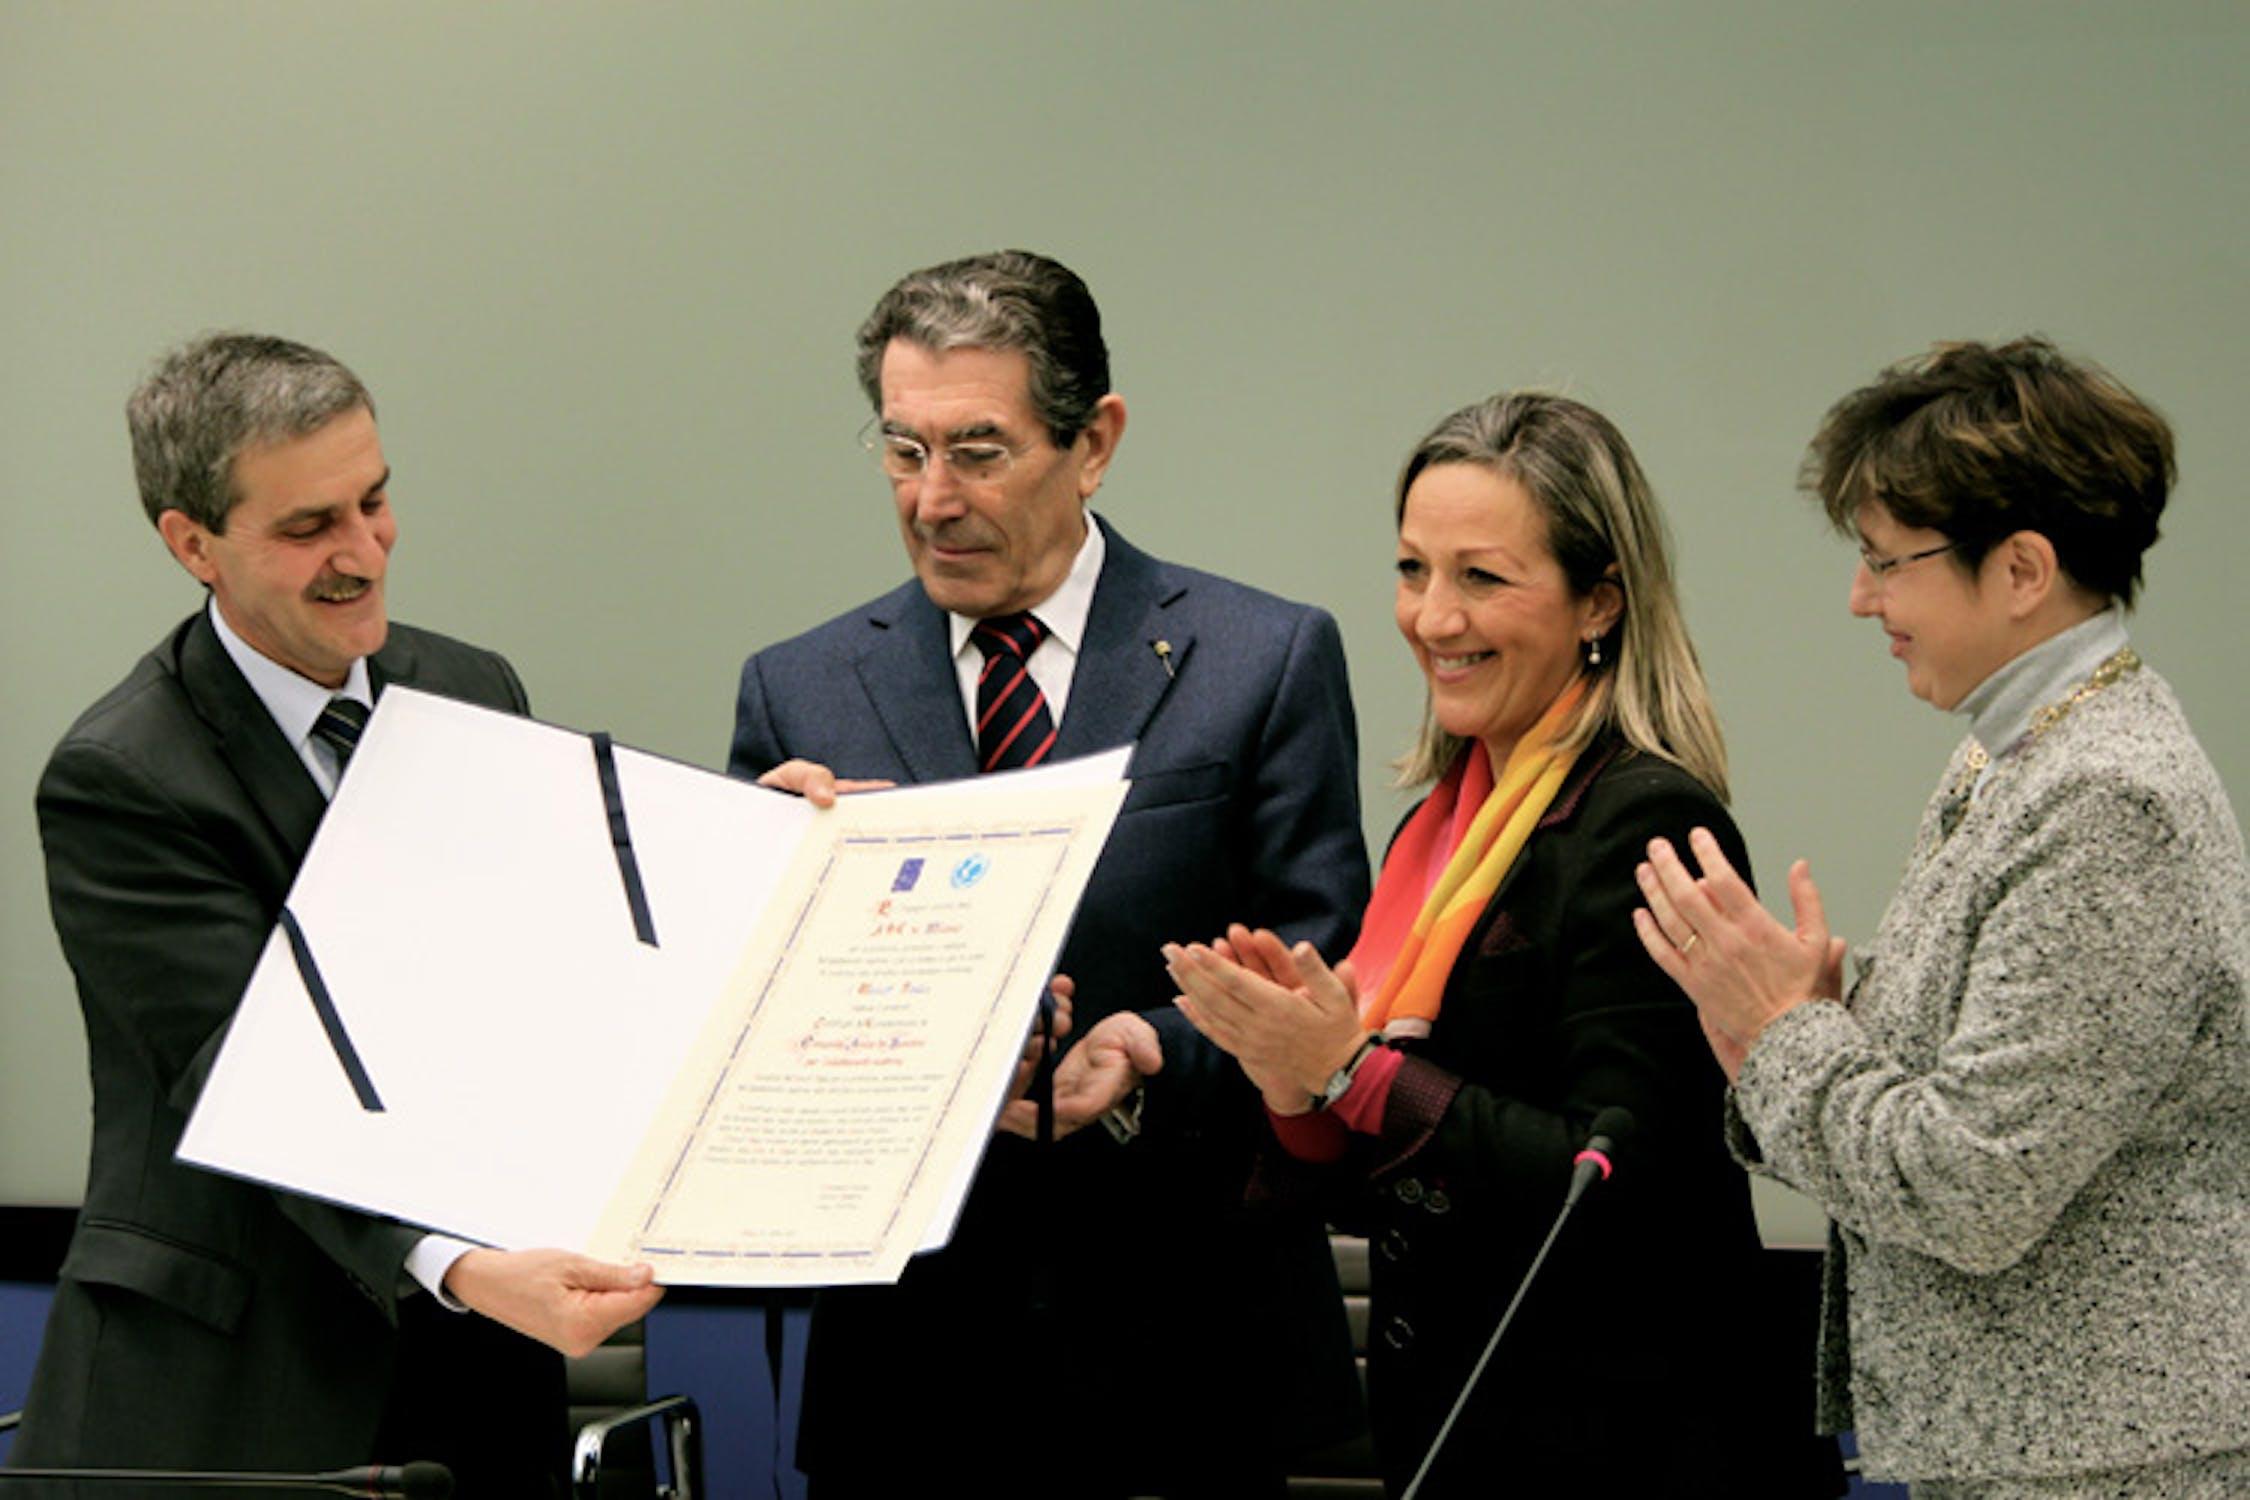 Da sin.: Walter Locatelli (ASL di Milano), Luciano Bresciani (Regione Lombardia), Paola Bianchi (UNICEF Italia), M. Enrica Bettinelli (task force UNICEF-ASL Milano) - ©UNICEF Italia/2012